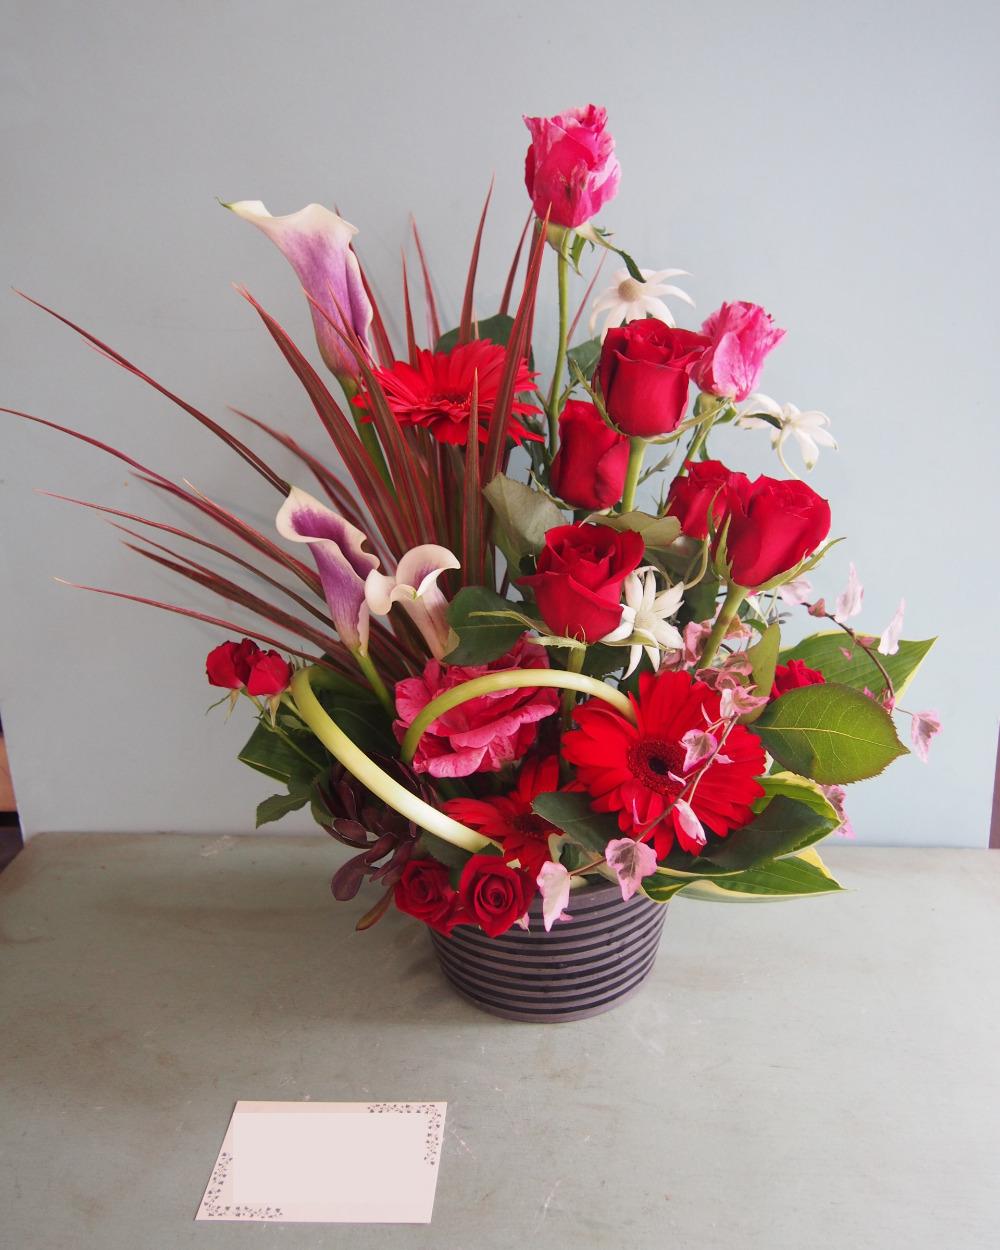 「会えなくても想いを伝えたい」還暦祝い花